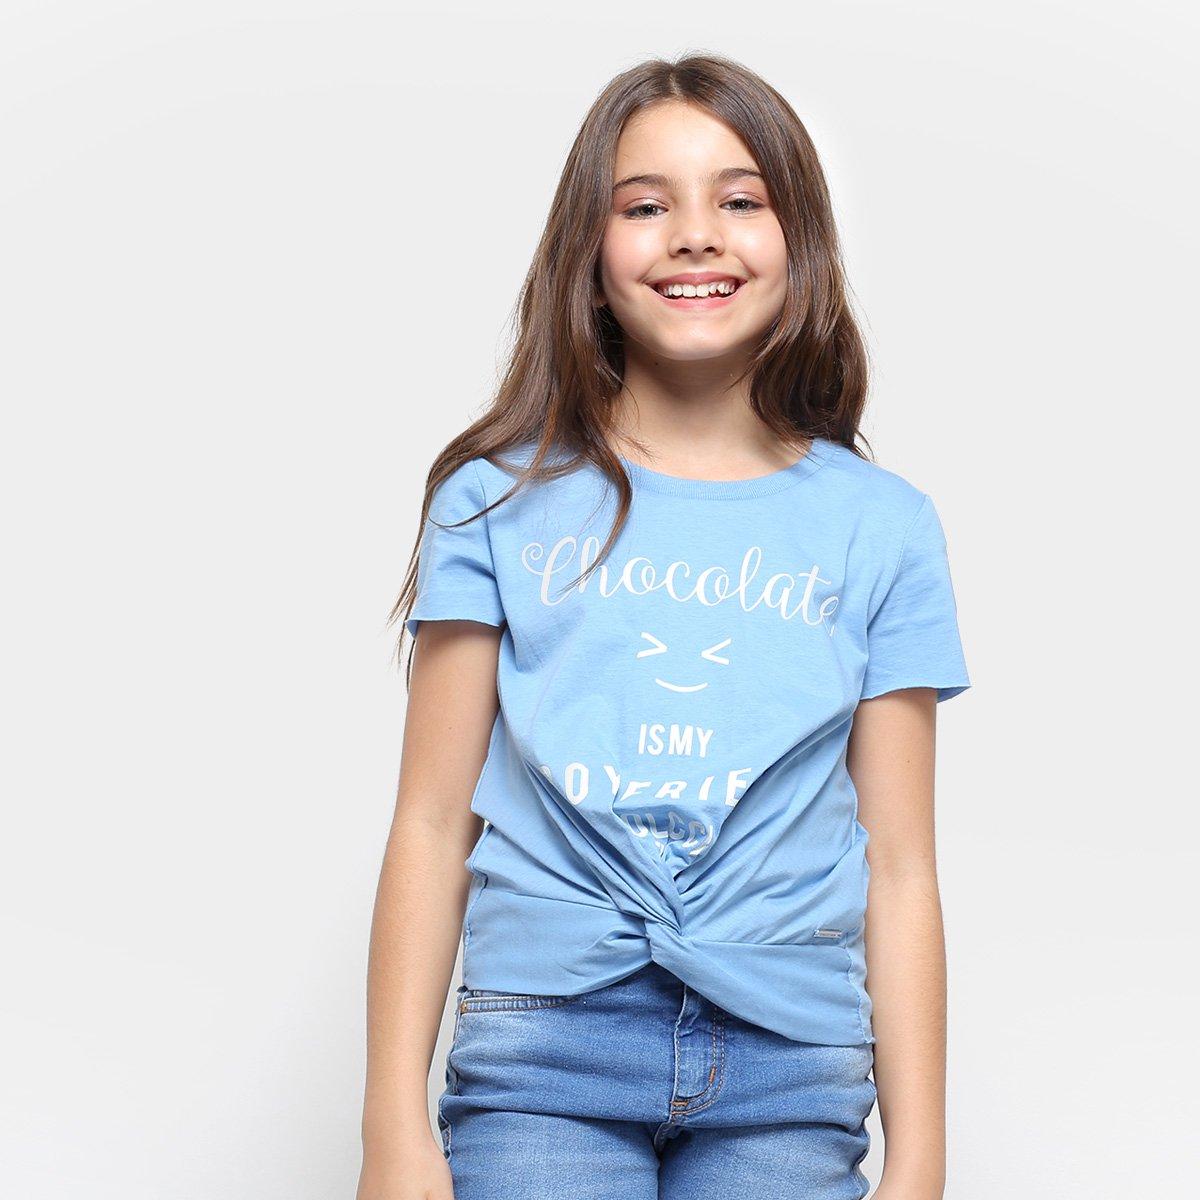 c4fdc05f1 Camiseta Infantil Colcci Fun Estampada Feminina